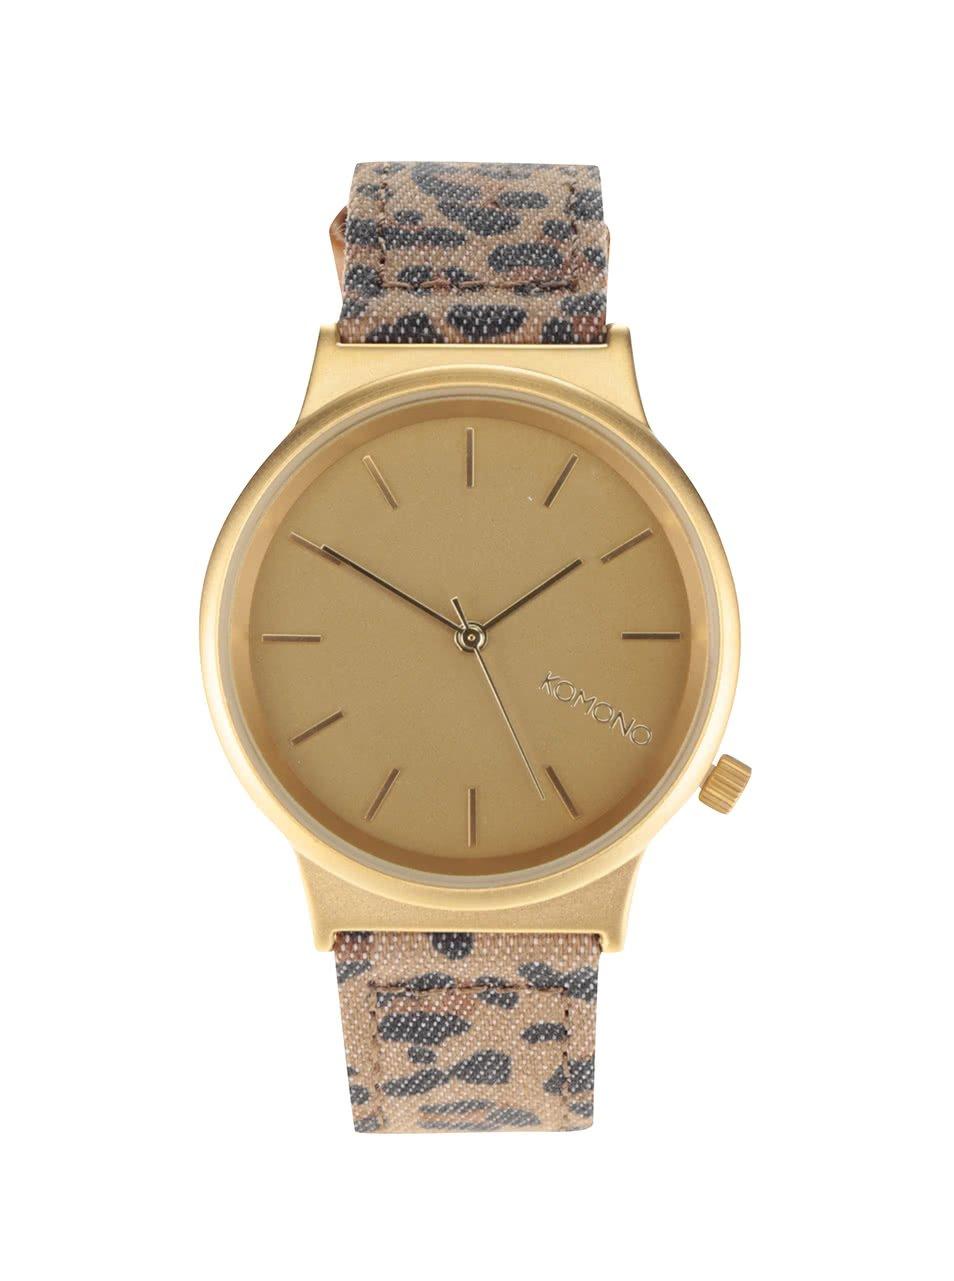 Dámské hodinky ve zlaté barvě s hnědým vzorovaným textilním páskem Wizard Print